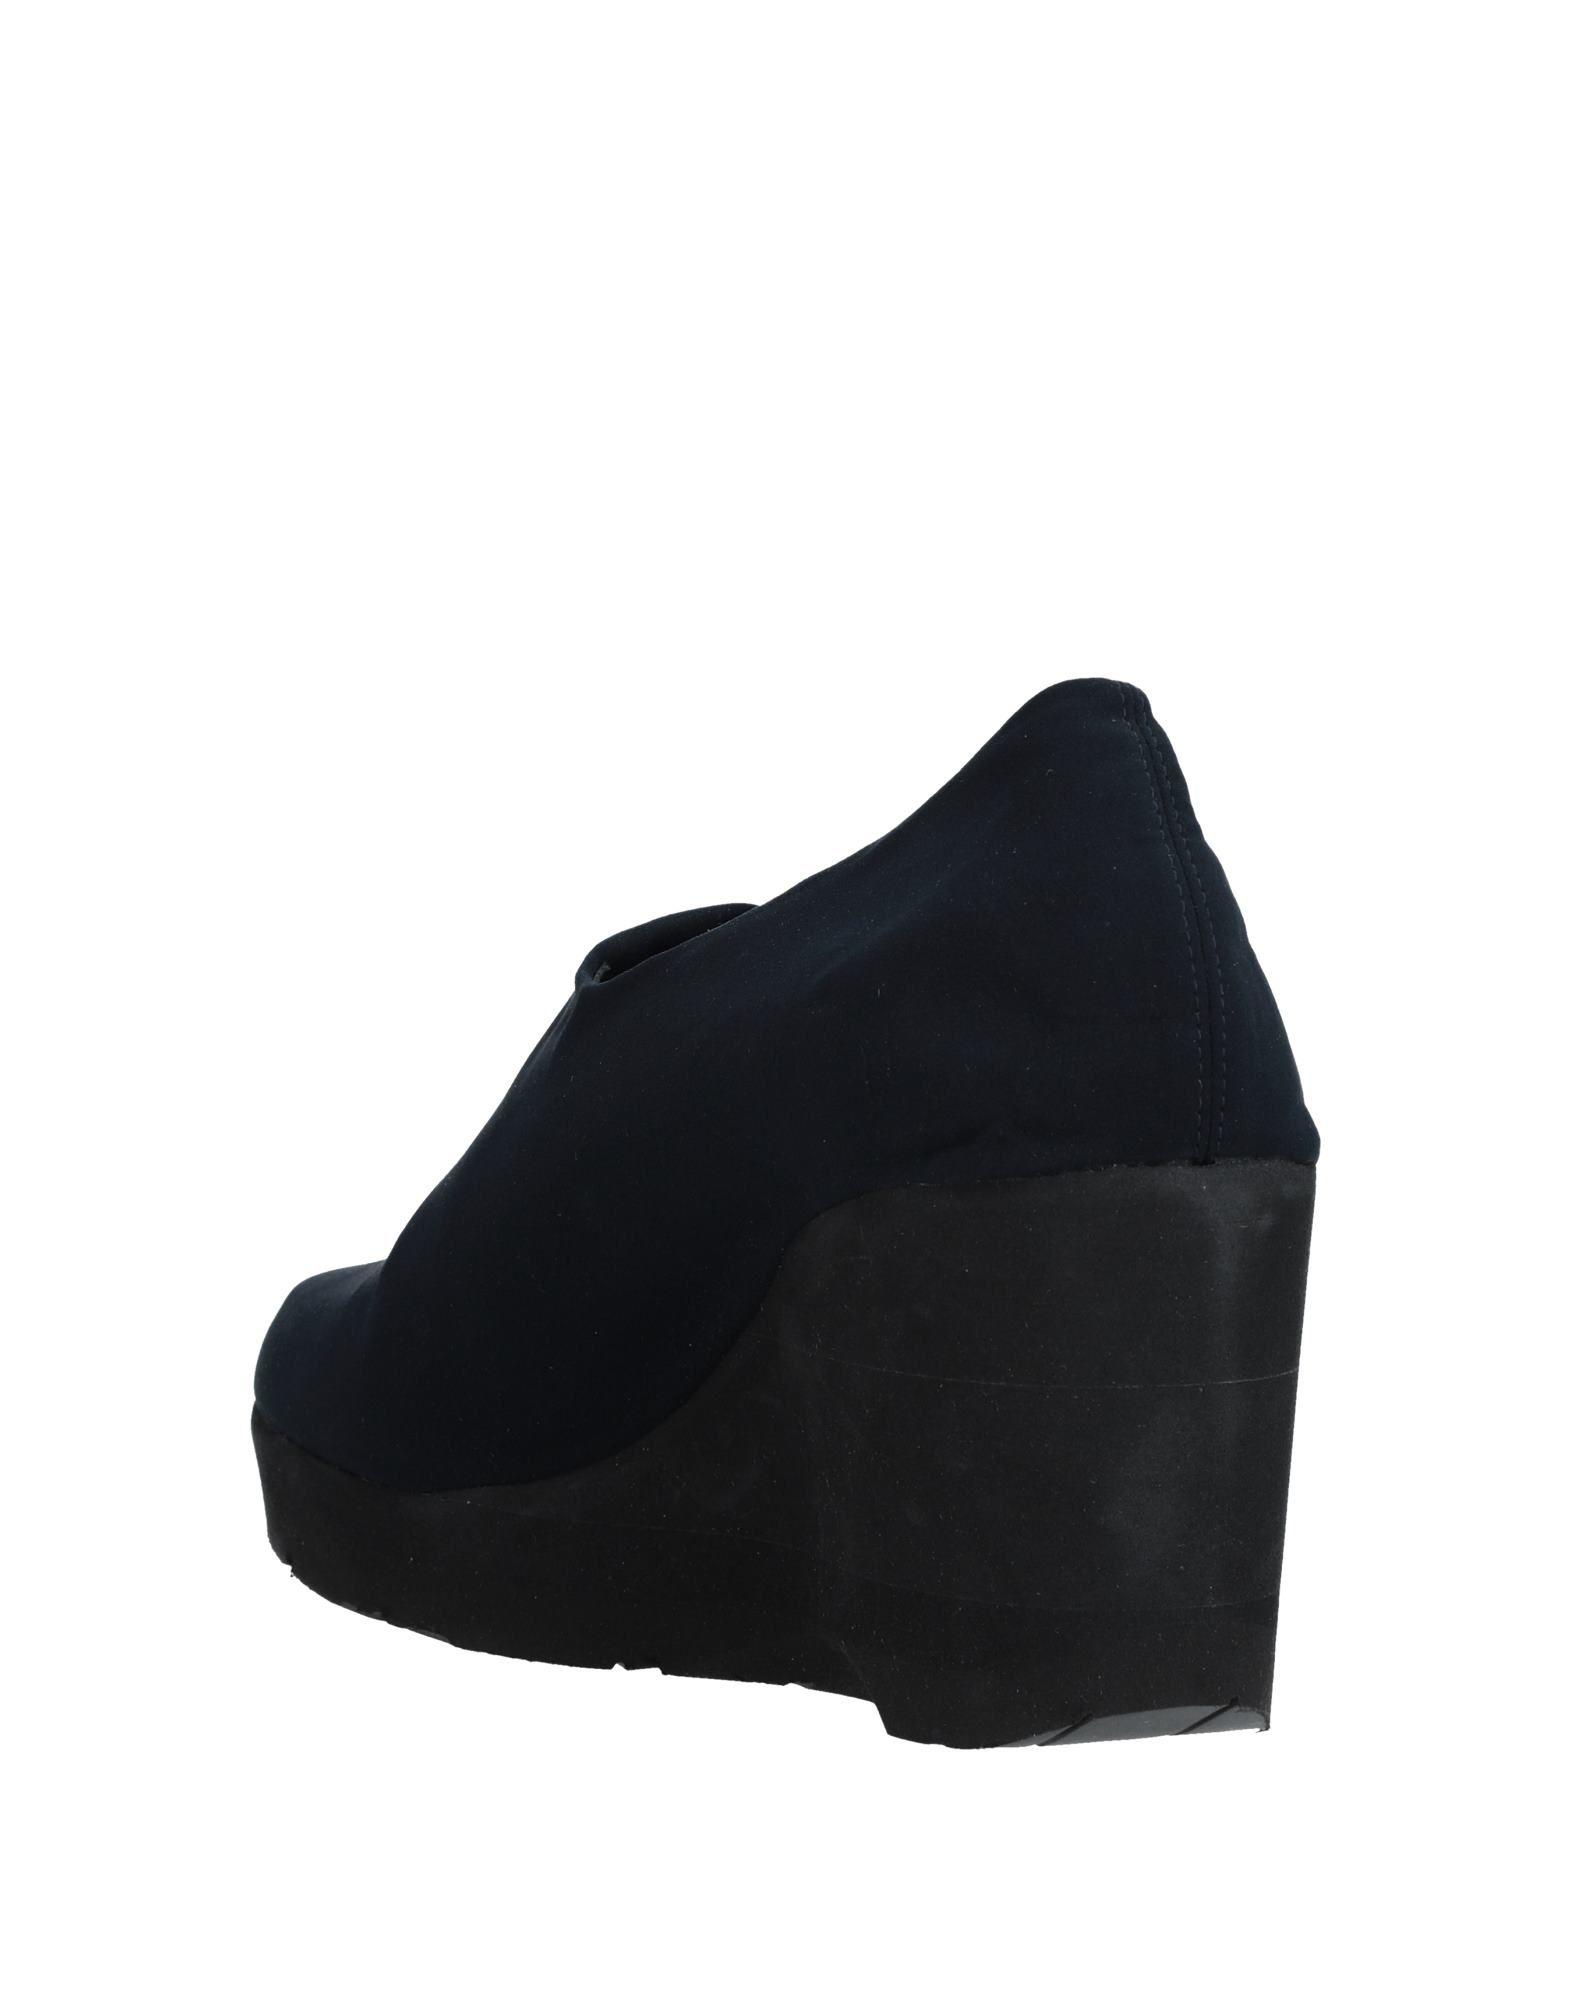 Stilvolle Stiefelette billige Schuhe Thierry Rabotin Stiefelette Stilvolle Damen  11535584XJ 8f361e